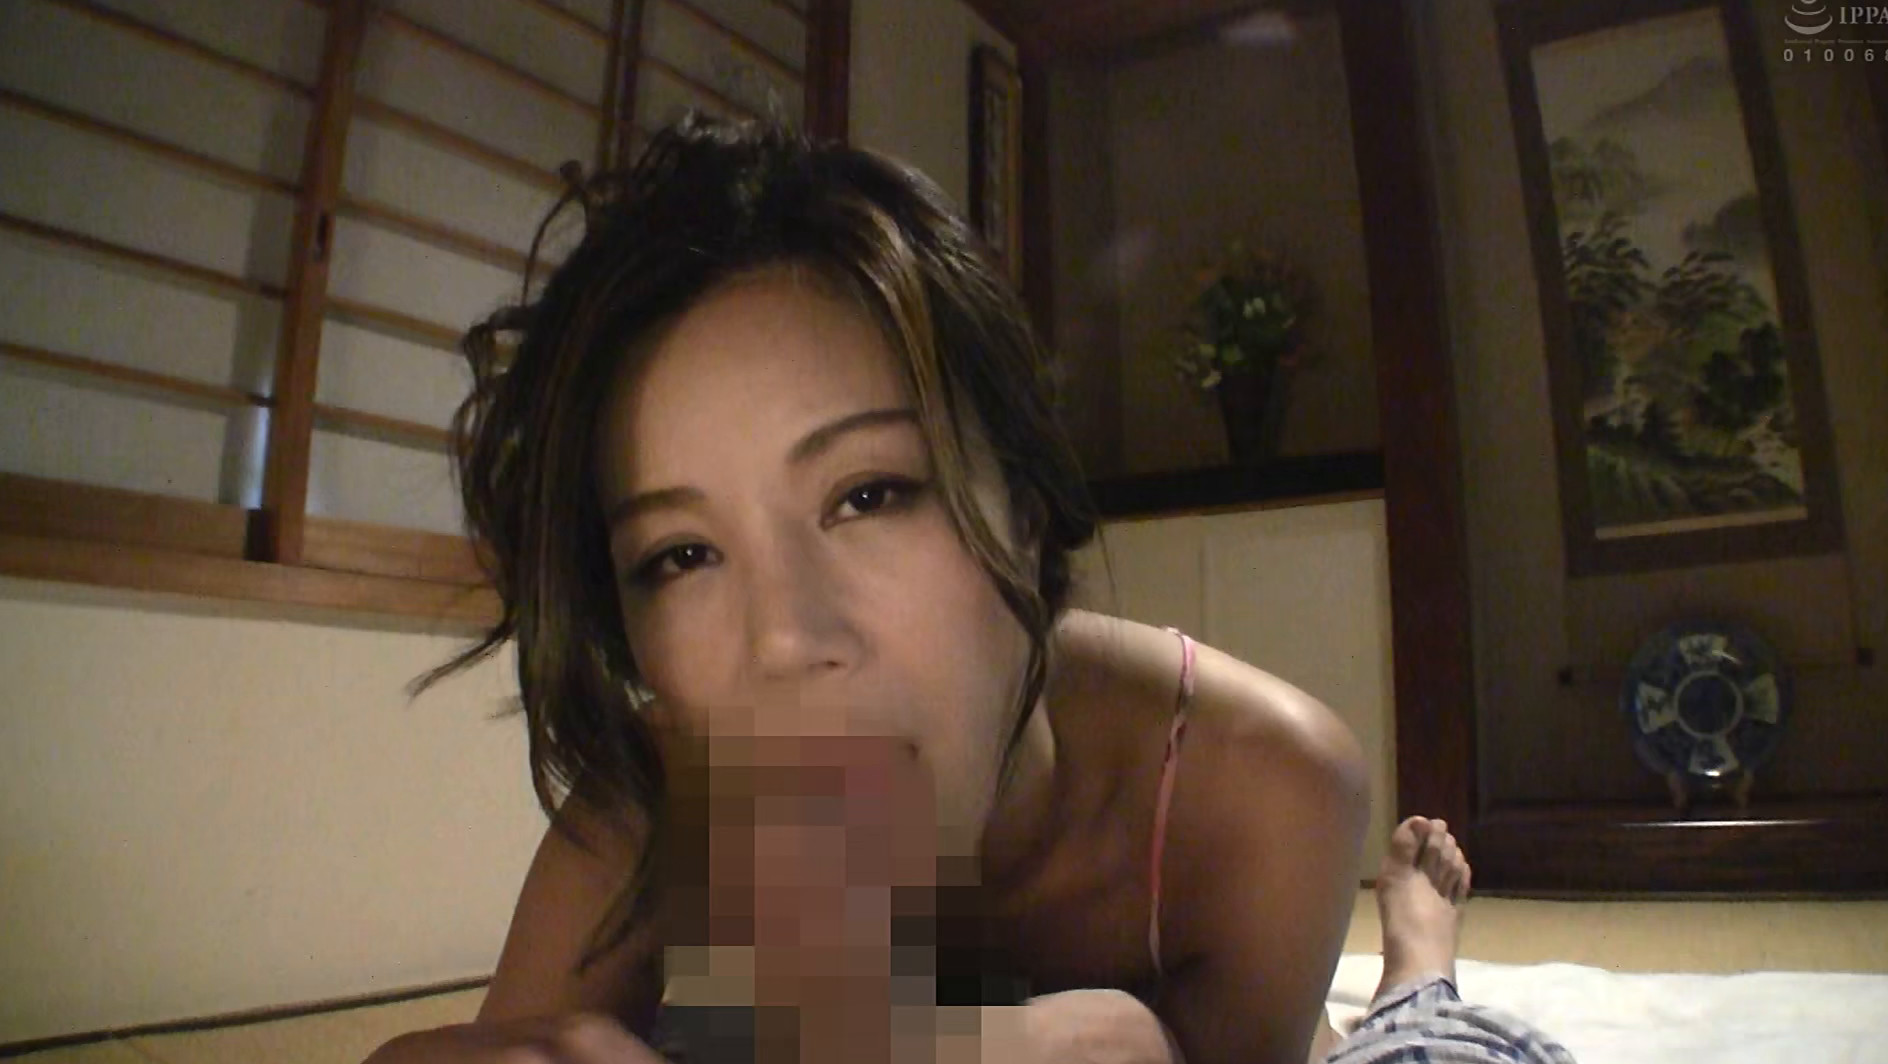 極上熟女 片瀬仁美 画像14